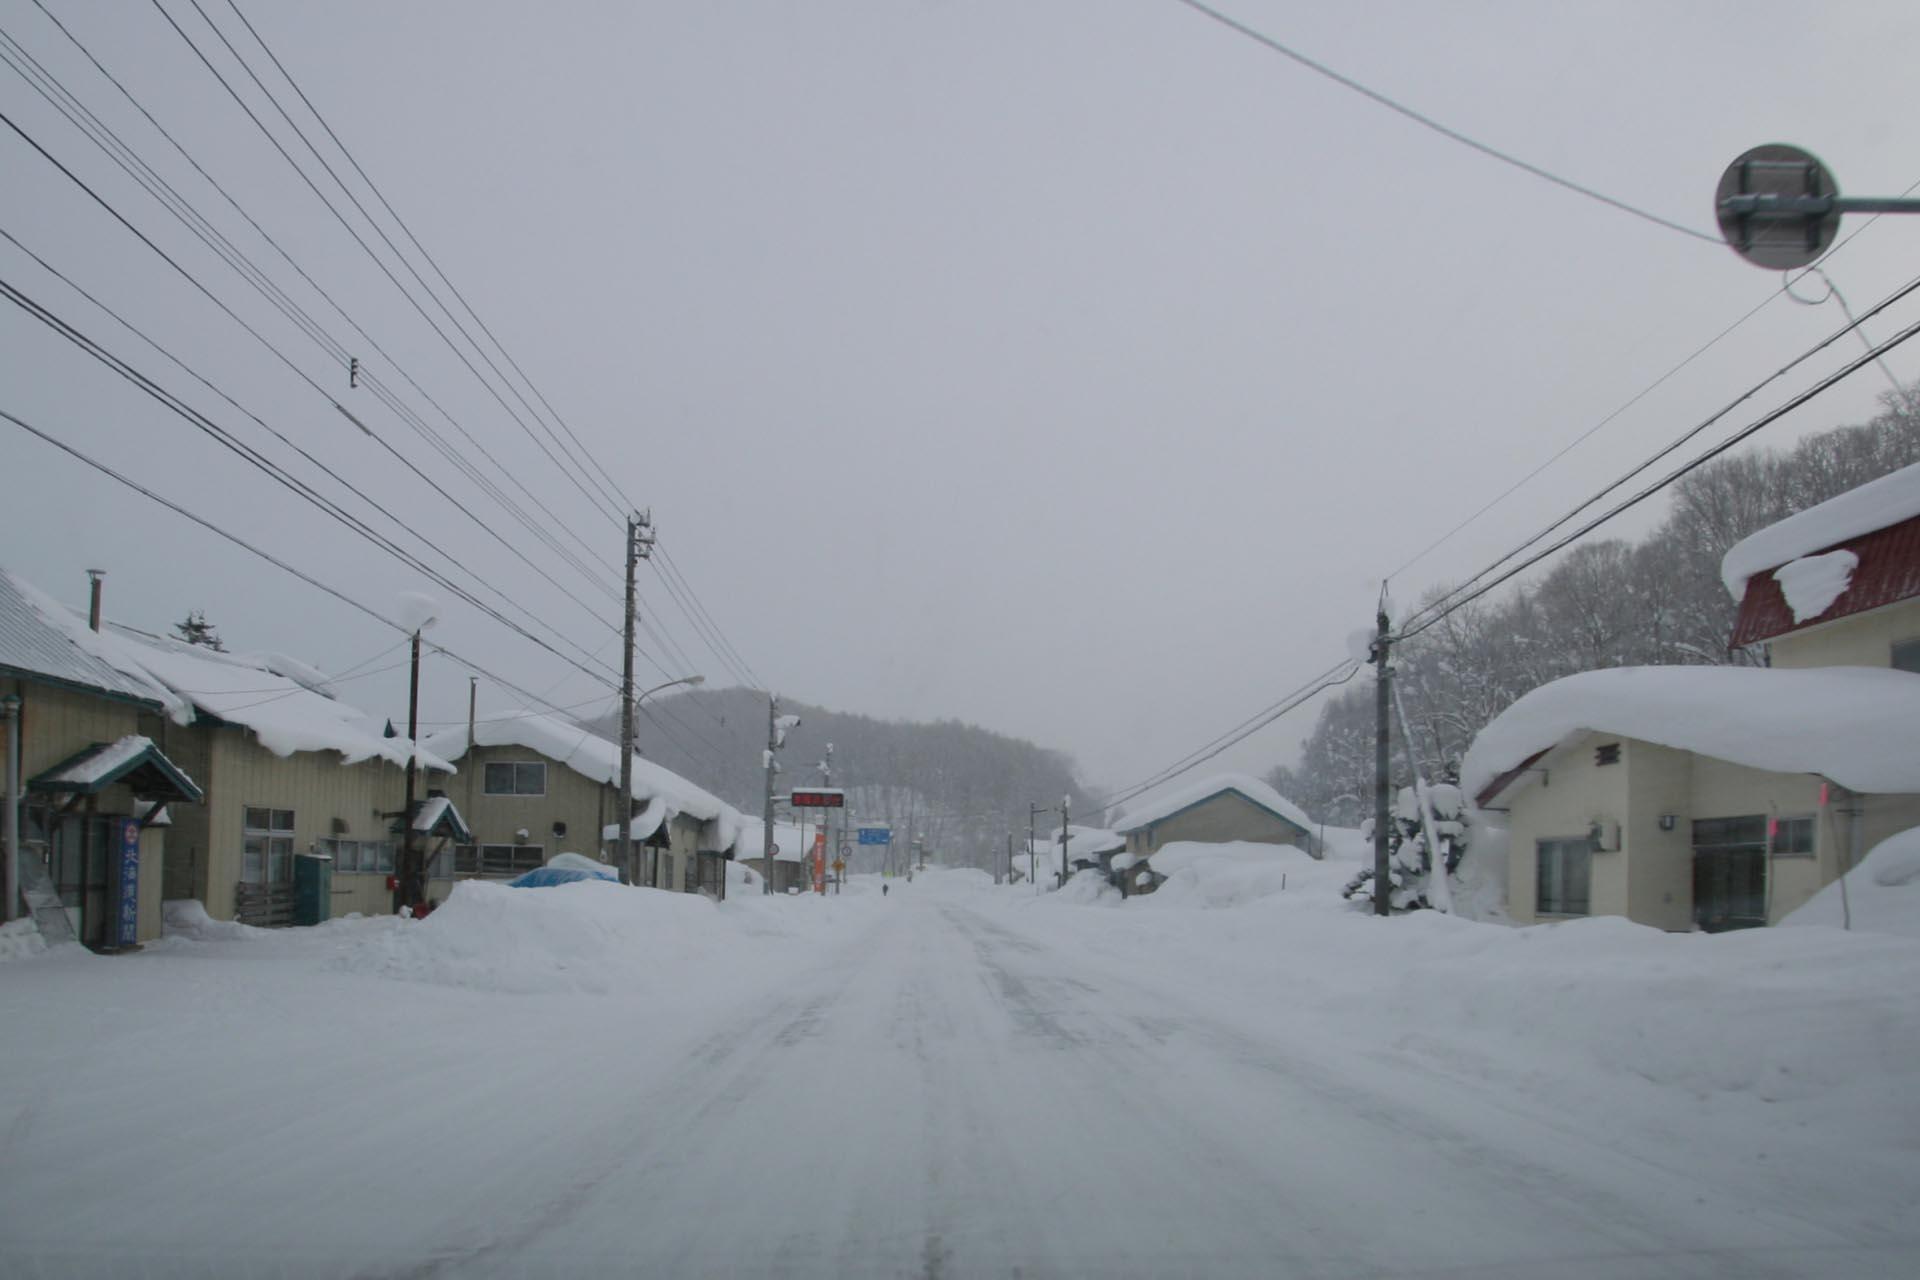 北海道の冬の風景 二月の枝幸郡中頓別町小頓別